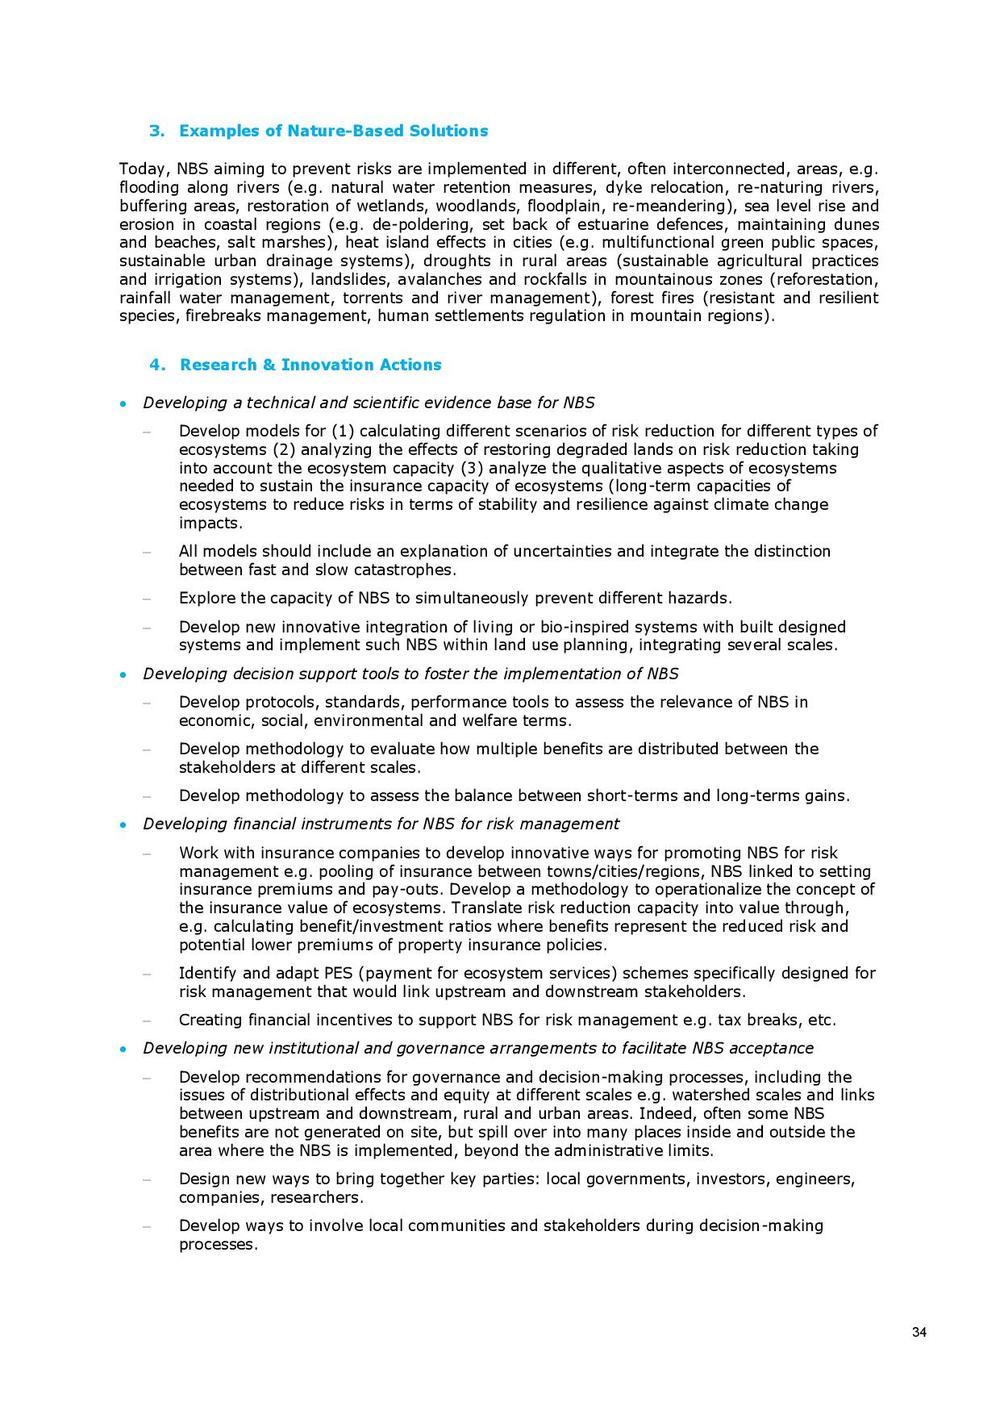 DG RTD_WEB-Publication A4_NBS_long_version_20150310-page-036.jpg